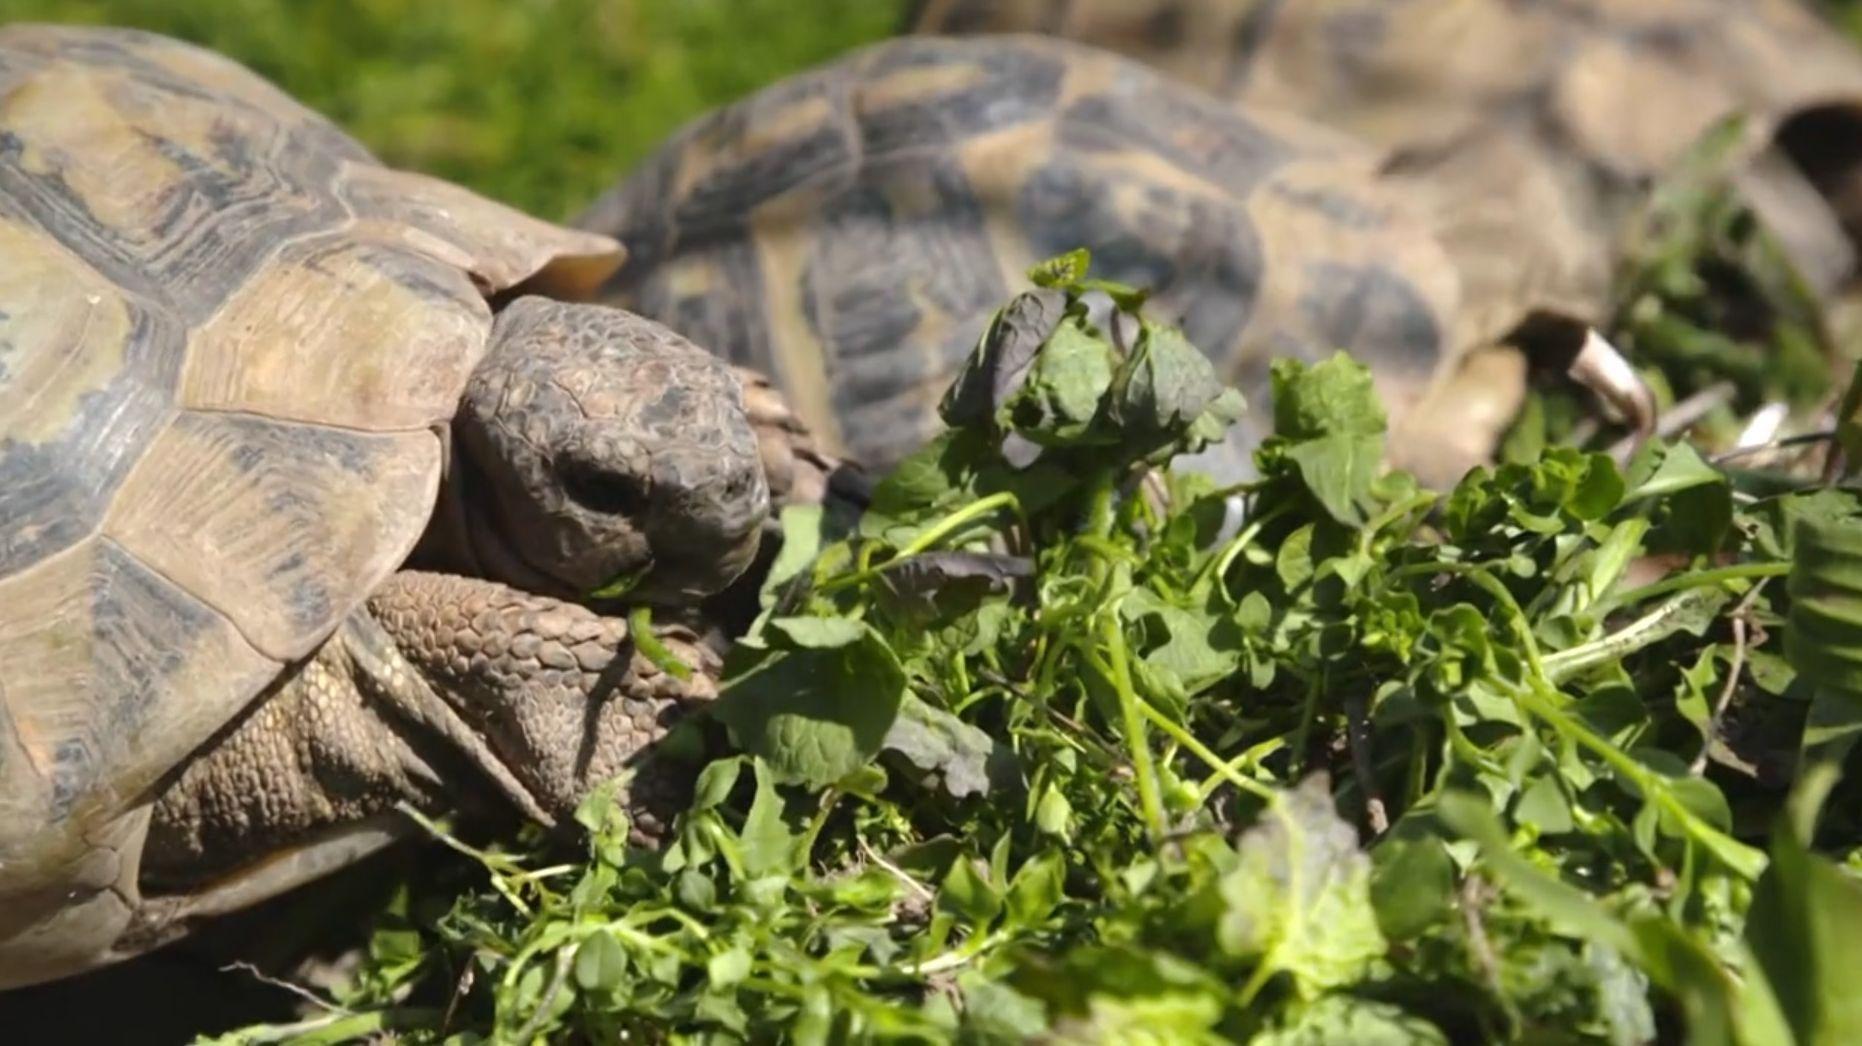 Schildkröten fressen Blätter.